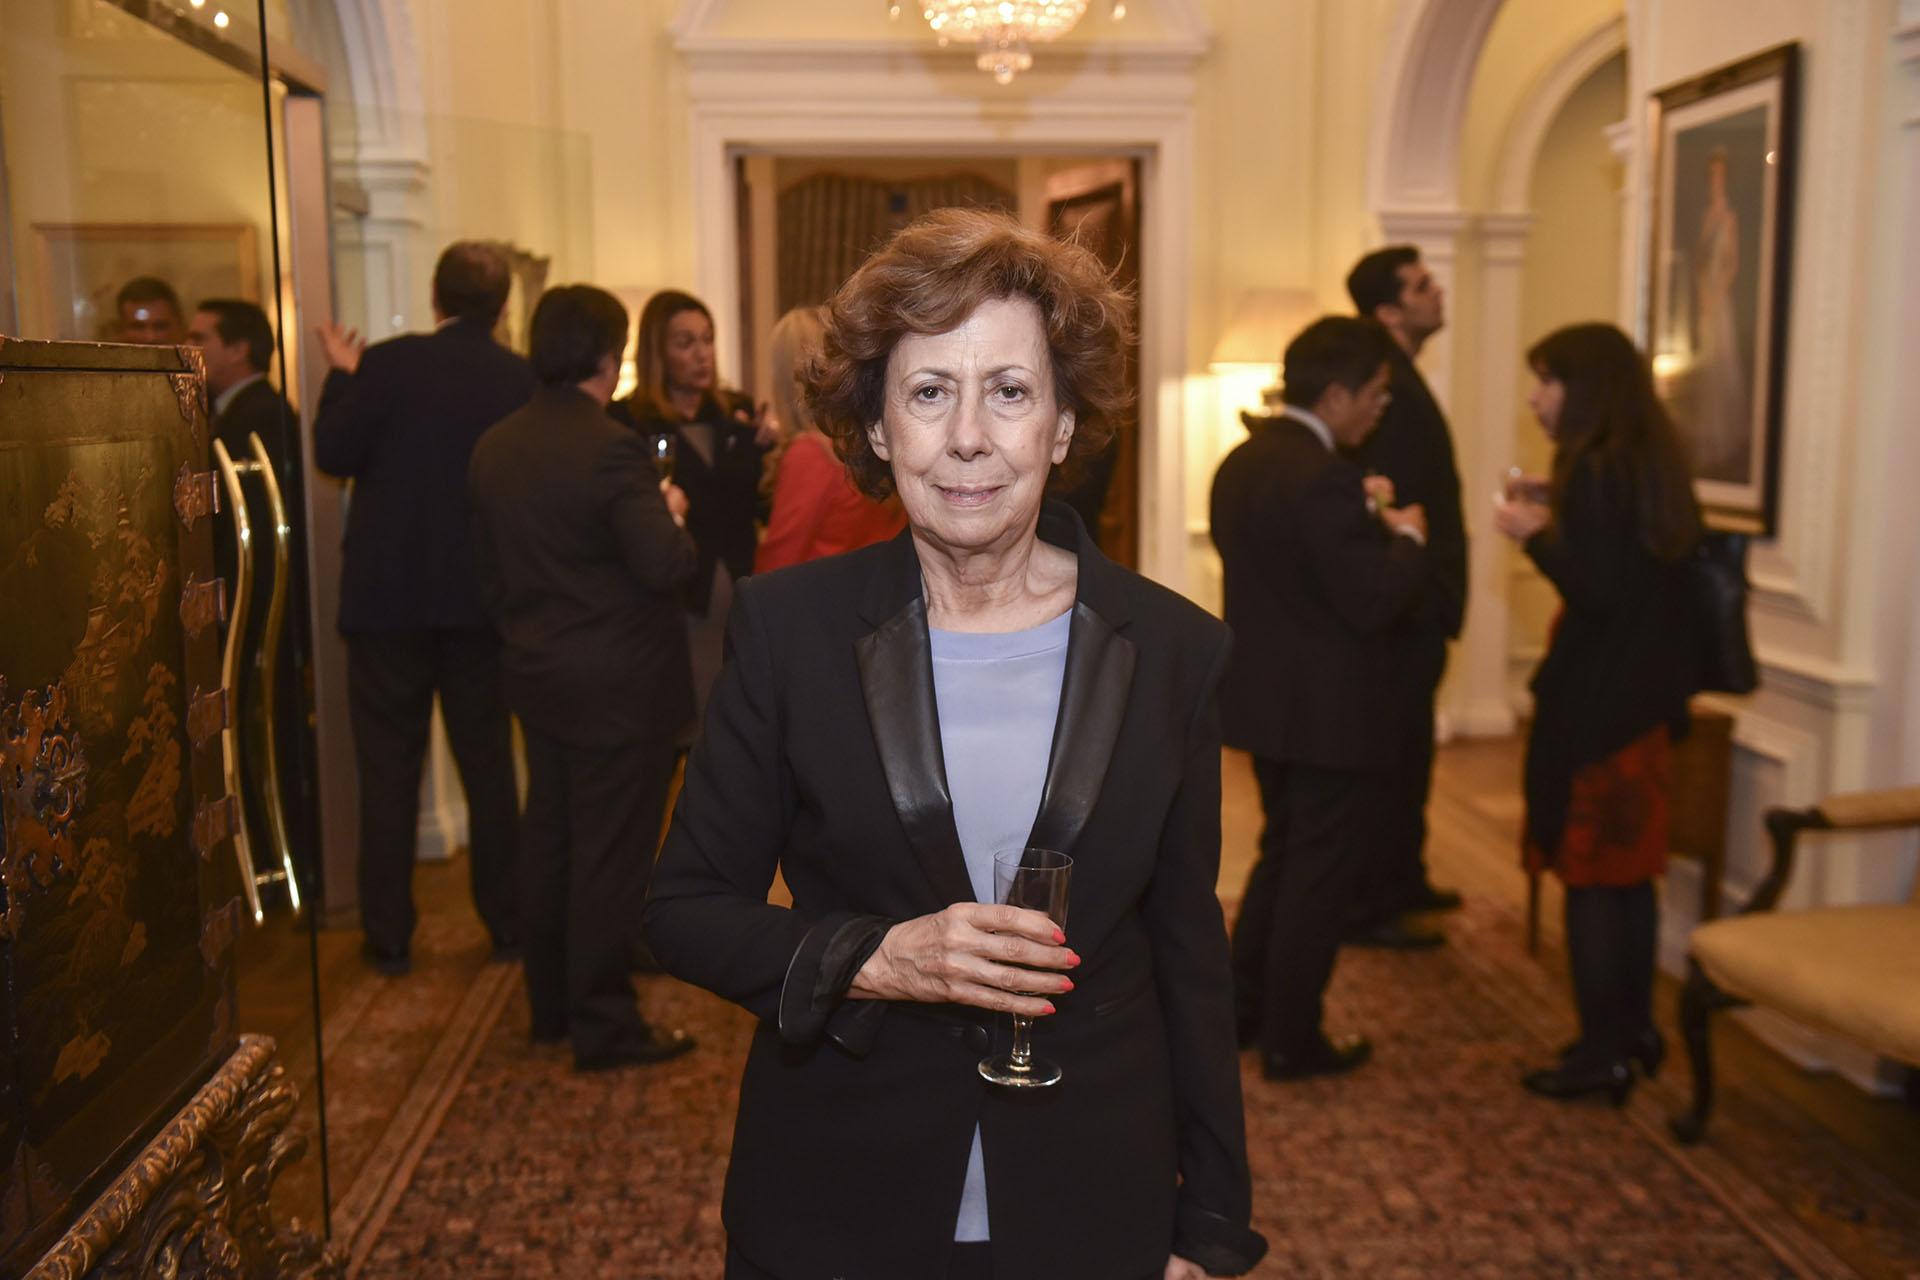 La Secretaria General del Gran Jurado, Clara Mariño (Konex de Platino 1997: Producción Periodística Audiovisual. Jurado Premios Konex 2017, 2007 y 1998)